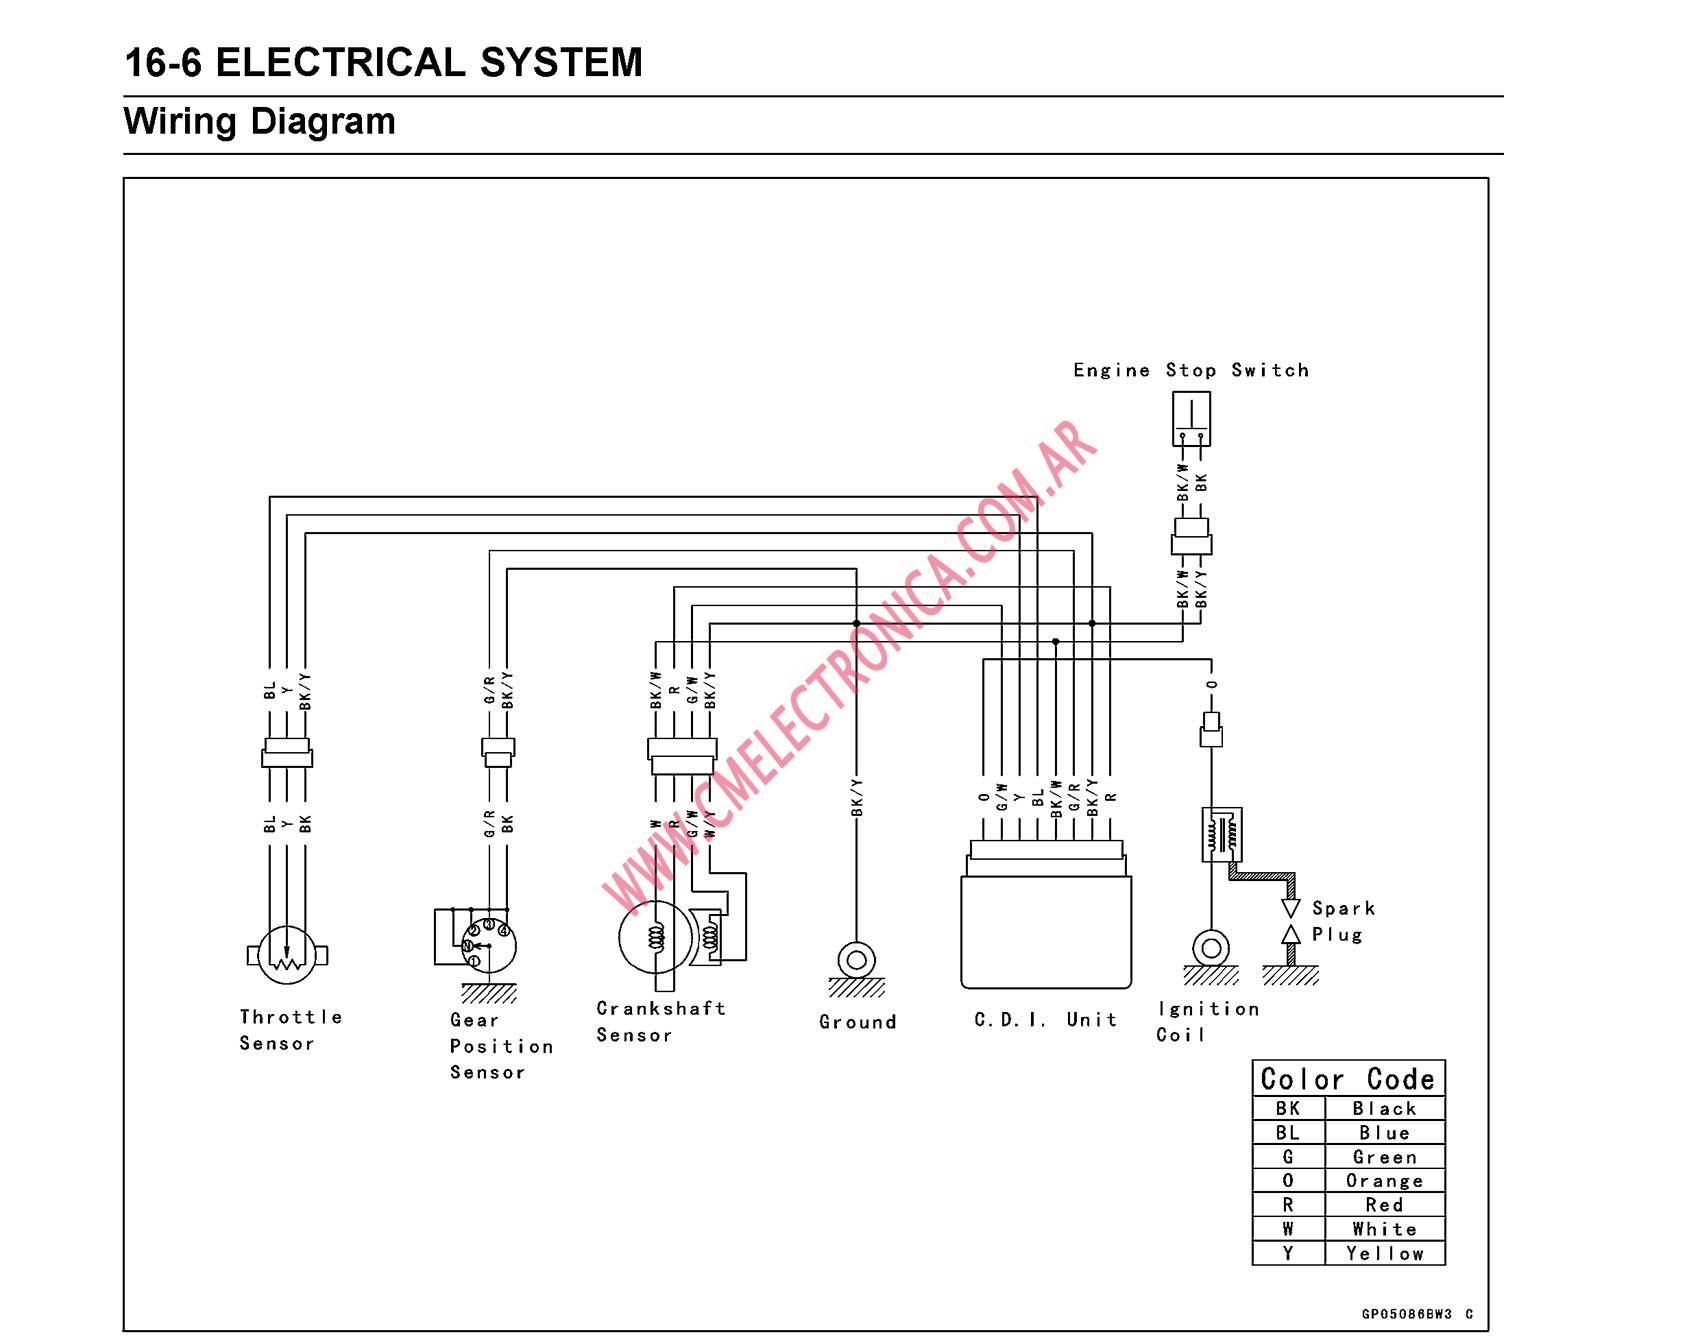 kawasaki kx 85 wiring diagram kawasaki get free image